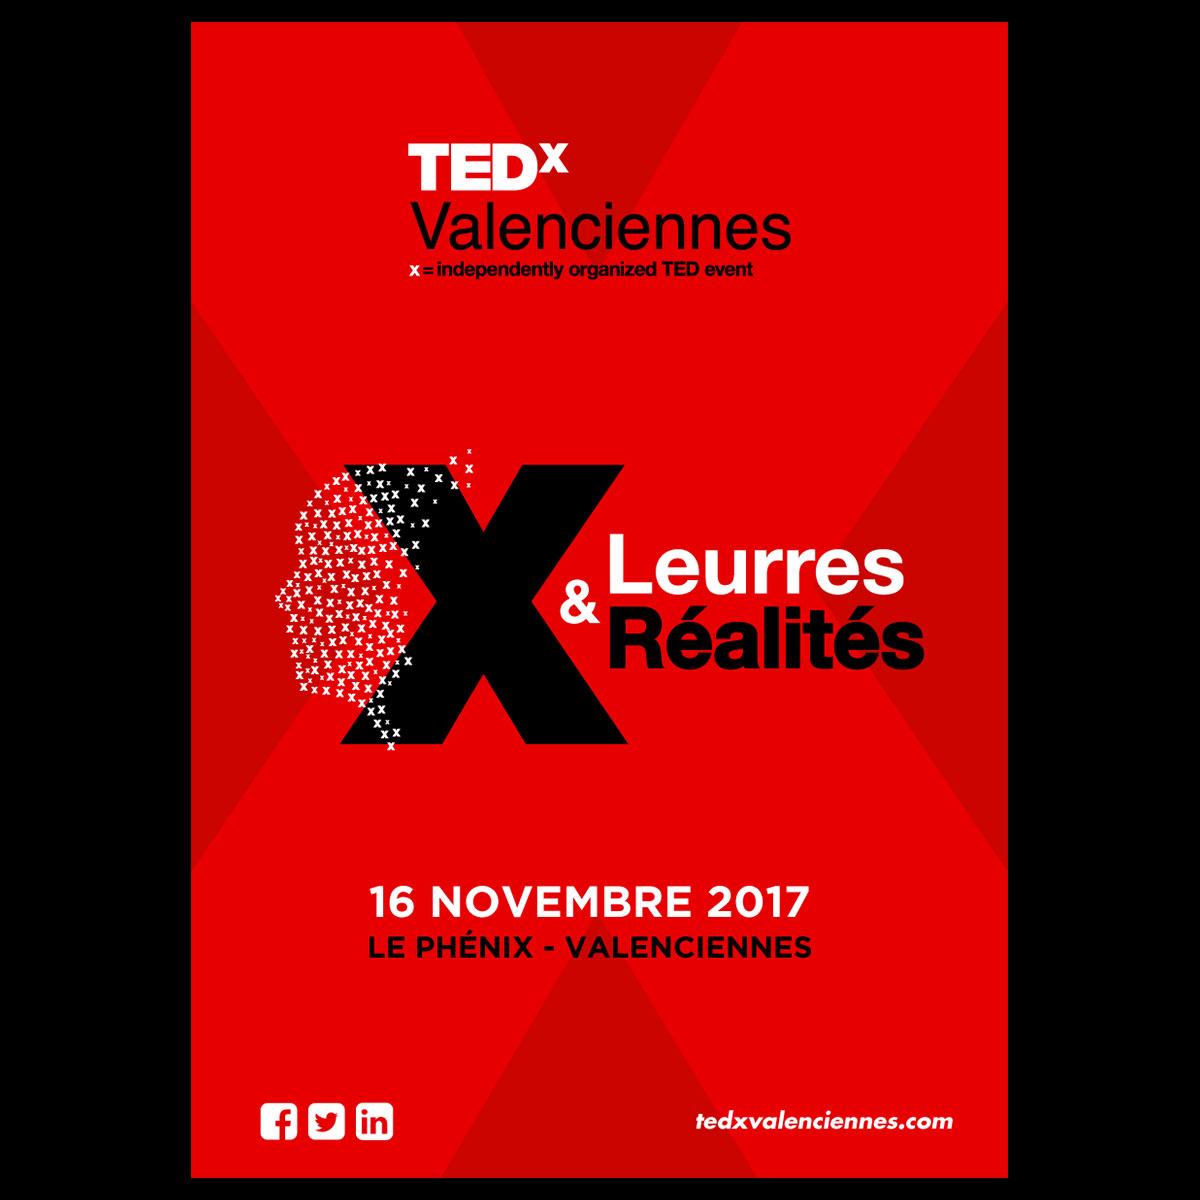 tedx-valenciennes-affiche